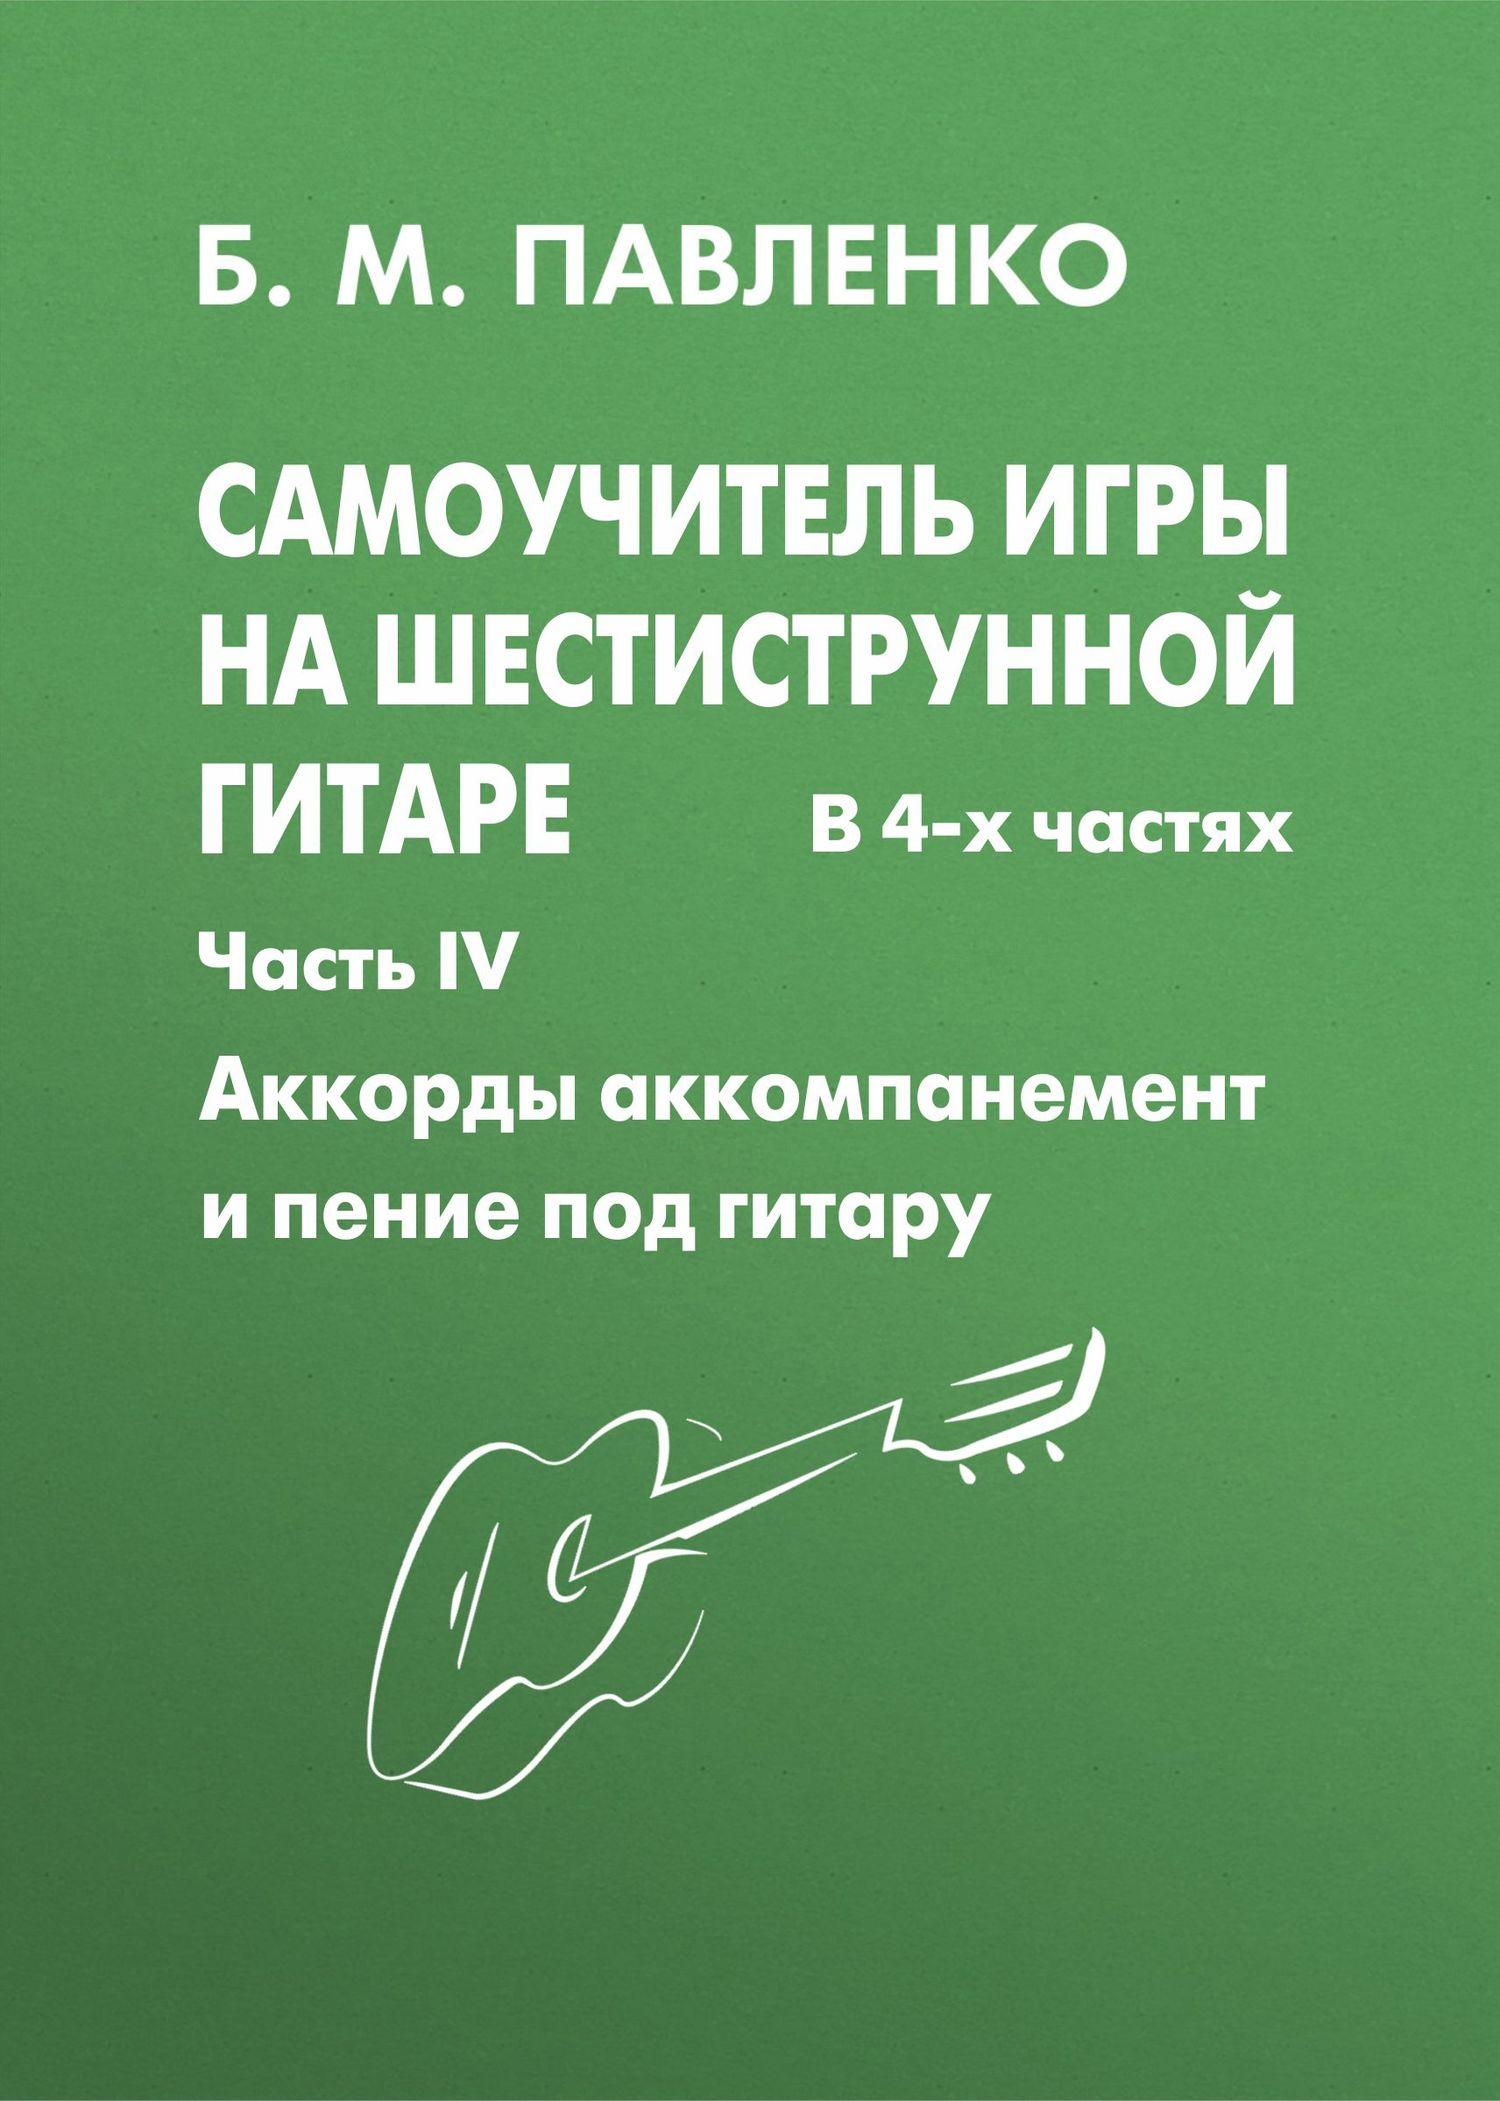 Б. М. Павленко Самоучитель игры на шестиструнной гитаре. Аккорды, аккомпанемент и пение под гитару. IV часть агеев д самоучитель игры на шестиструнной гитаре